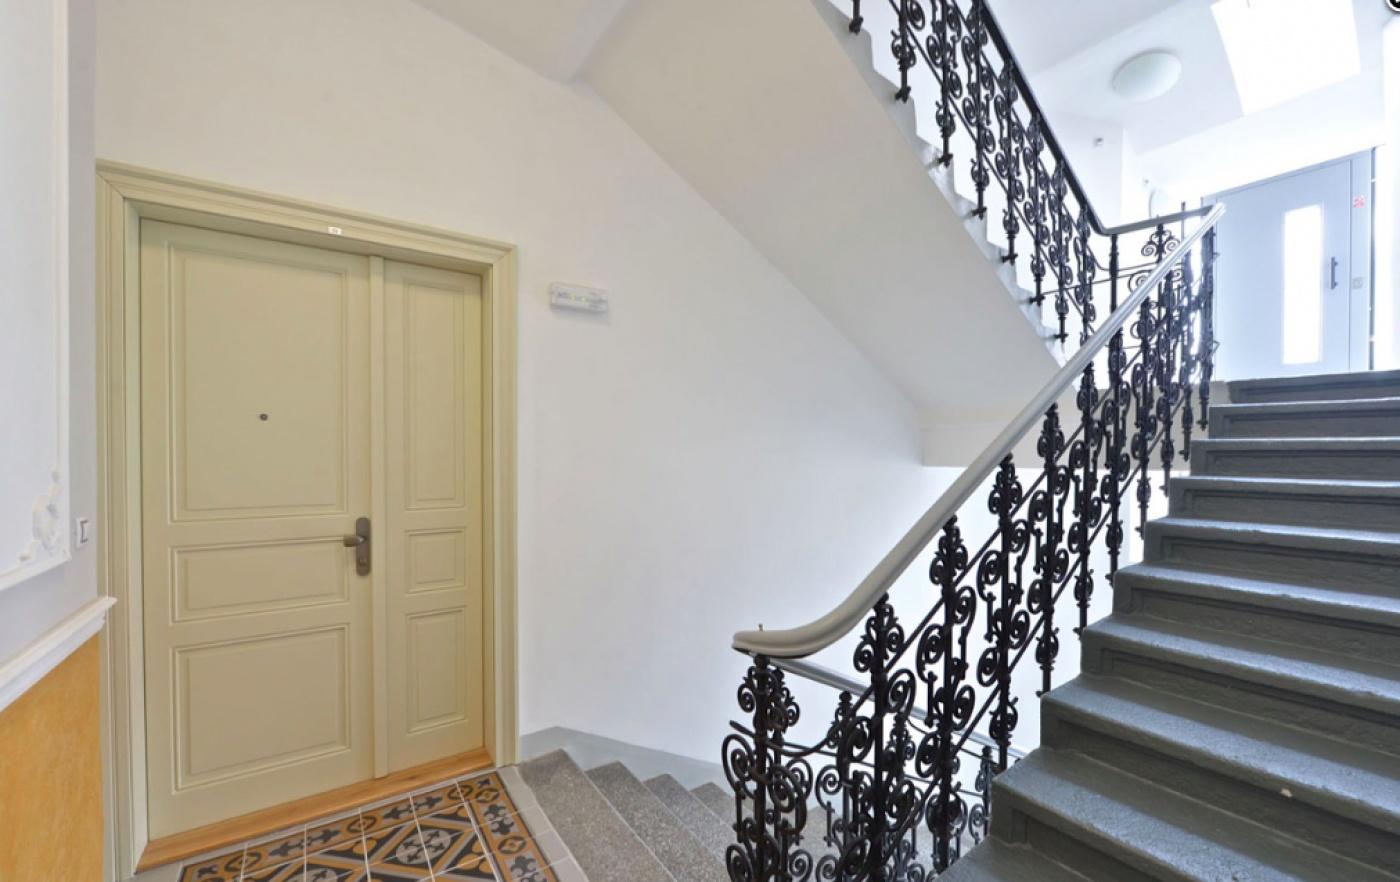 Půdní byt 2+kk, plocha 46 m², ulice Vratislavova, Praha 2 - Vyšehrad, cena 4 665 000 Kč | 2